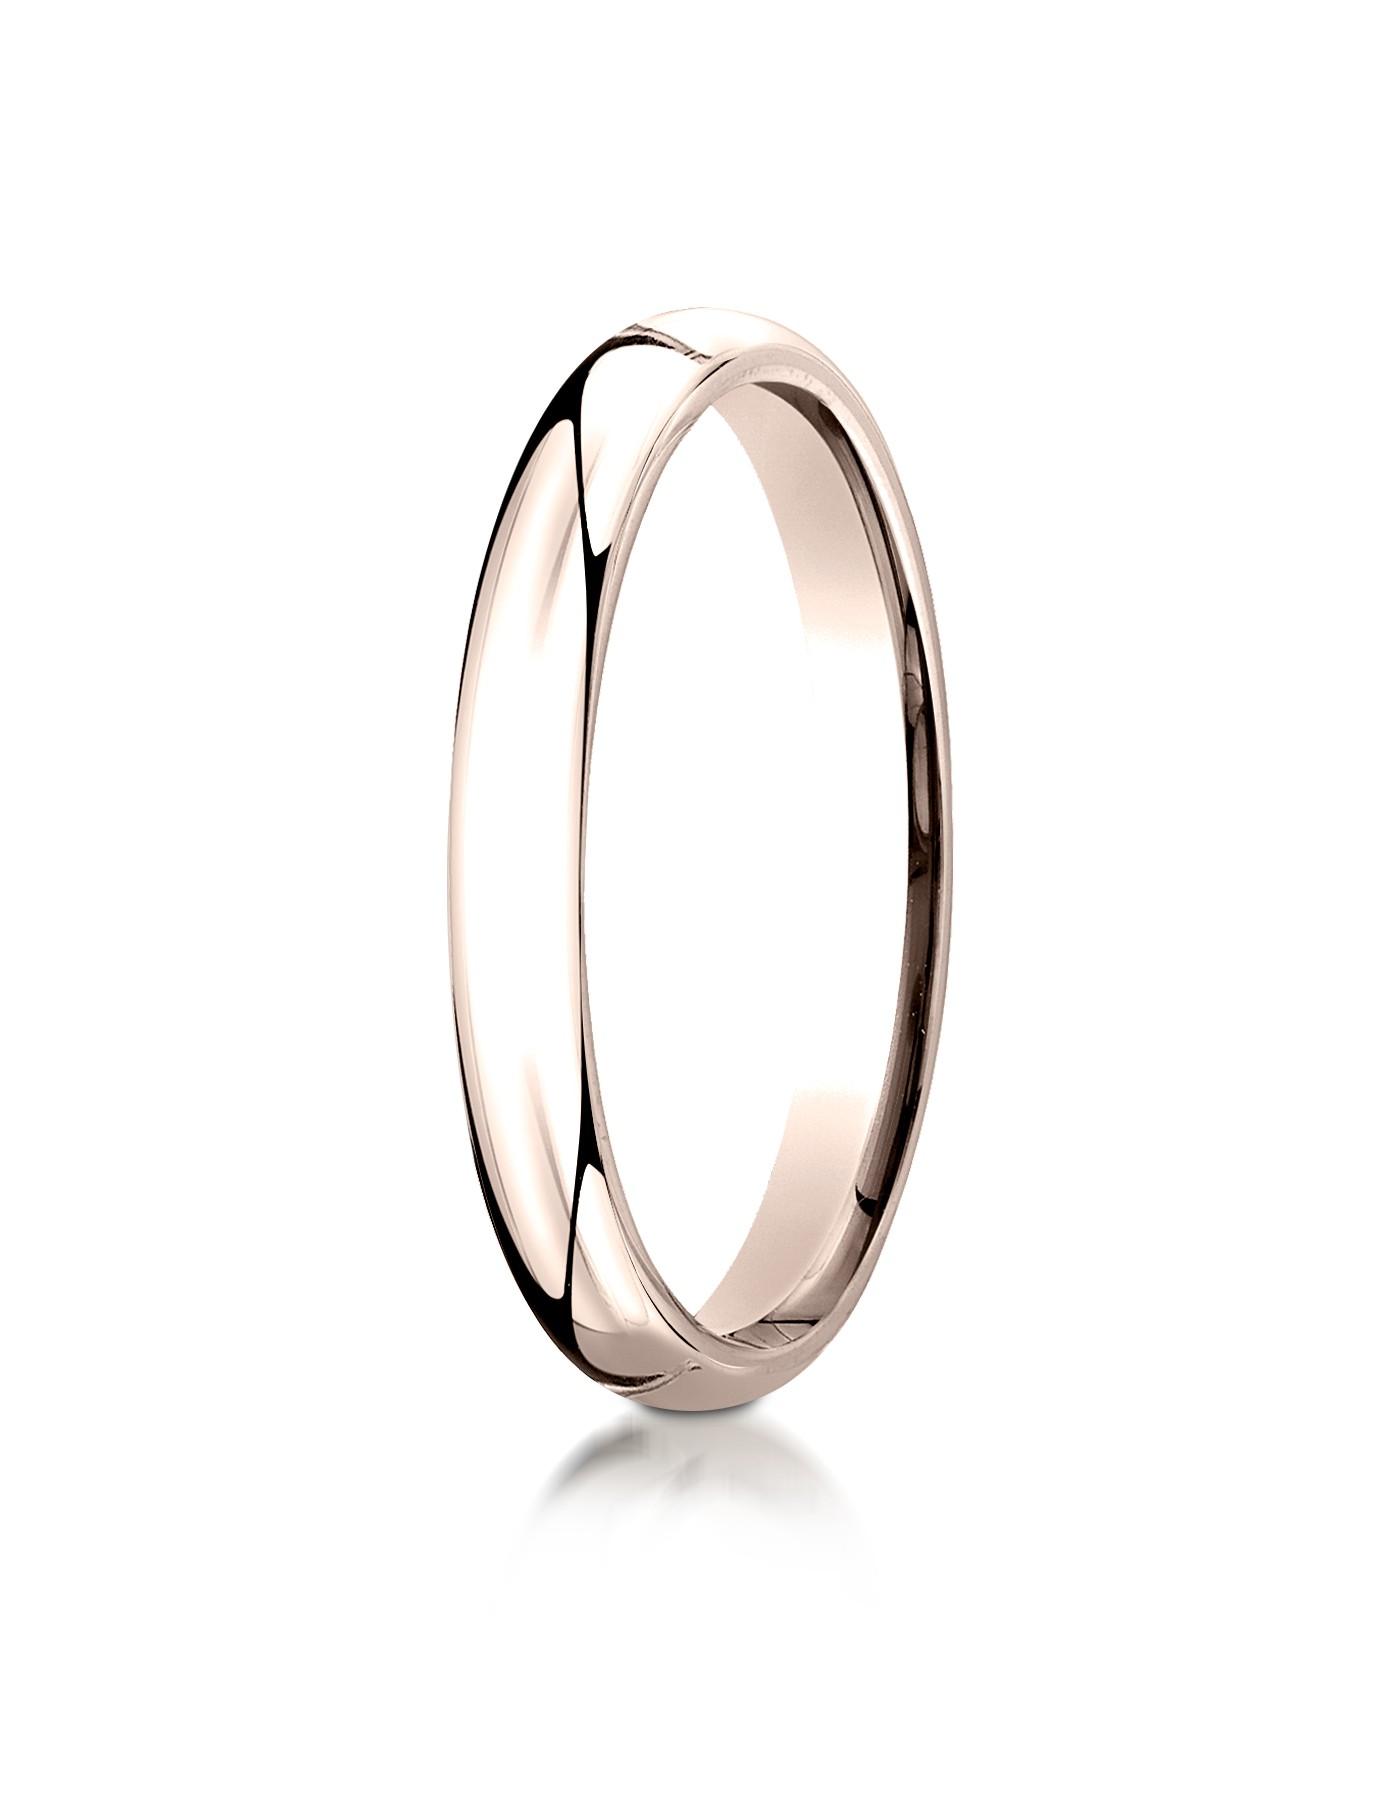 14k Rose Gold 3mm Slightly Domed Standard Comfort-fit Ring